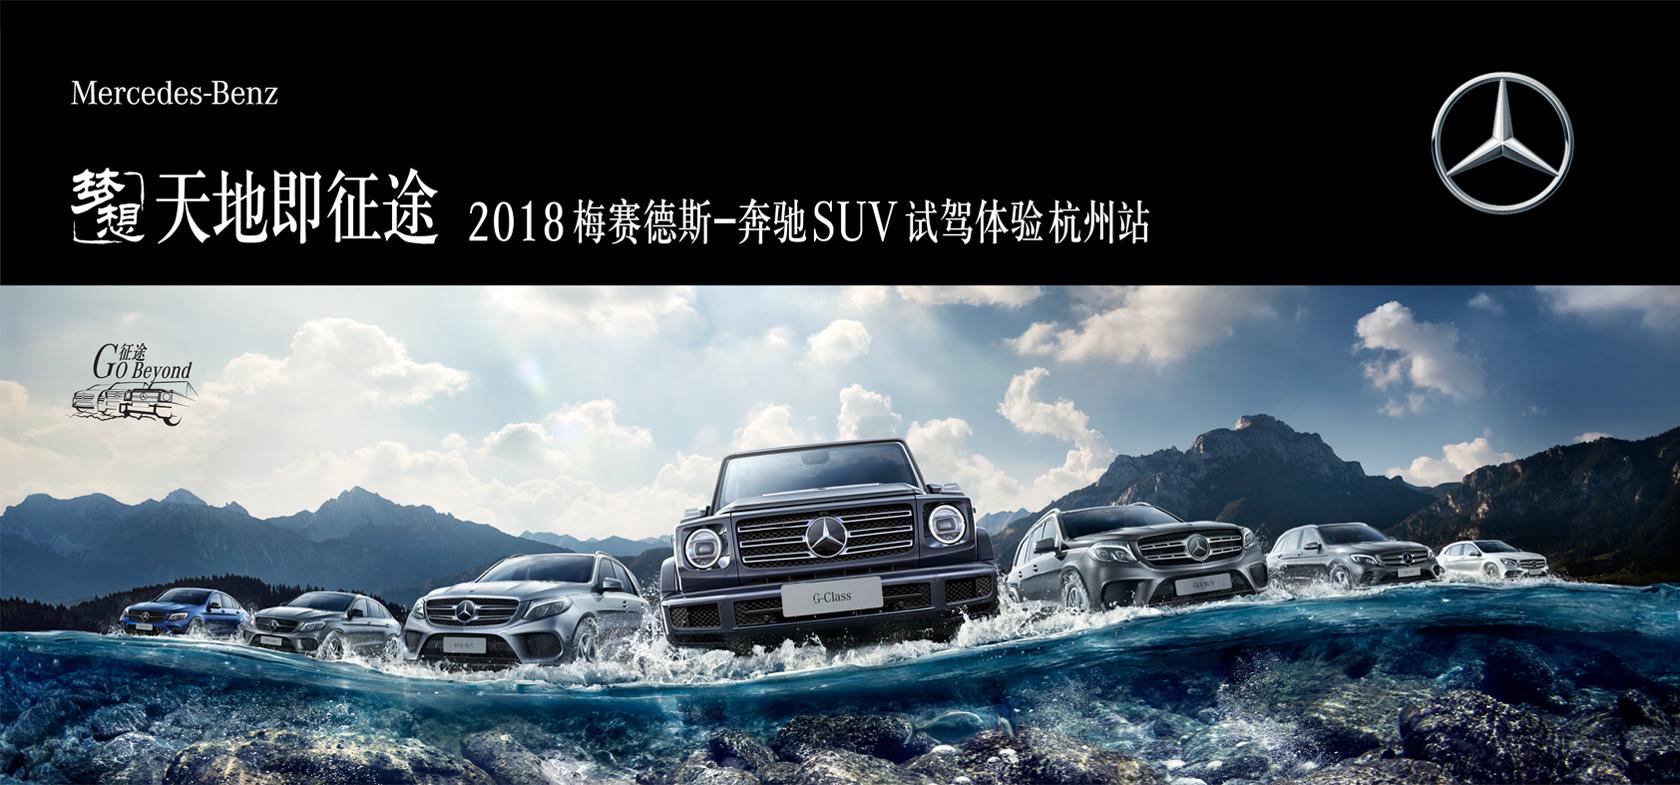 2018梅赛德斯-奔驰SUV试驾体验活动